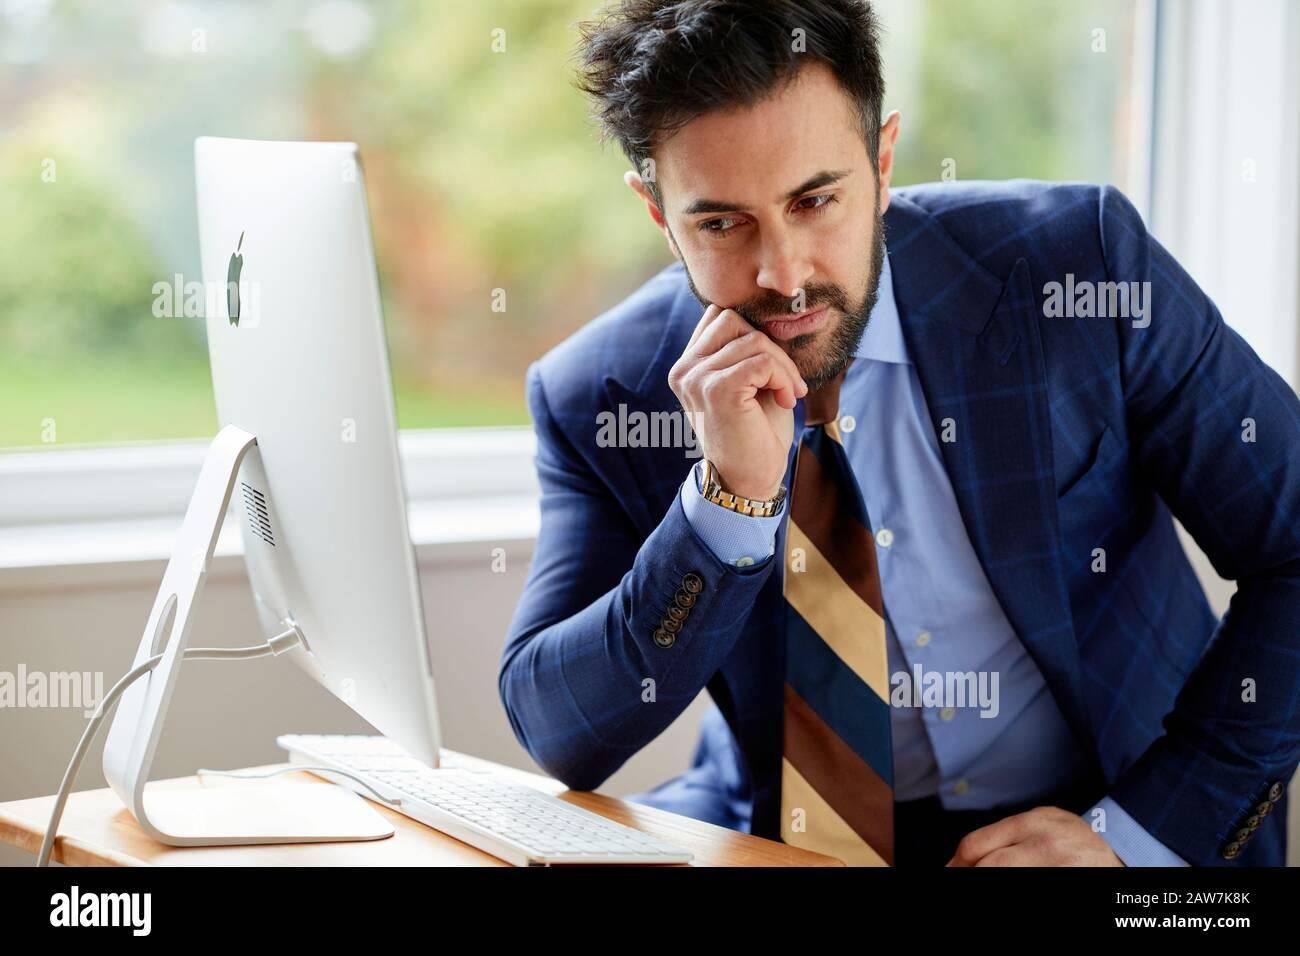 Uomo seduto al computer pensieroso Foto Stock